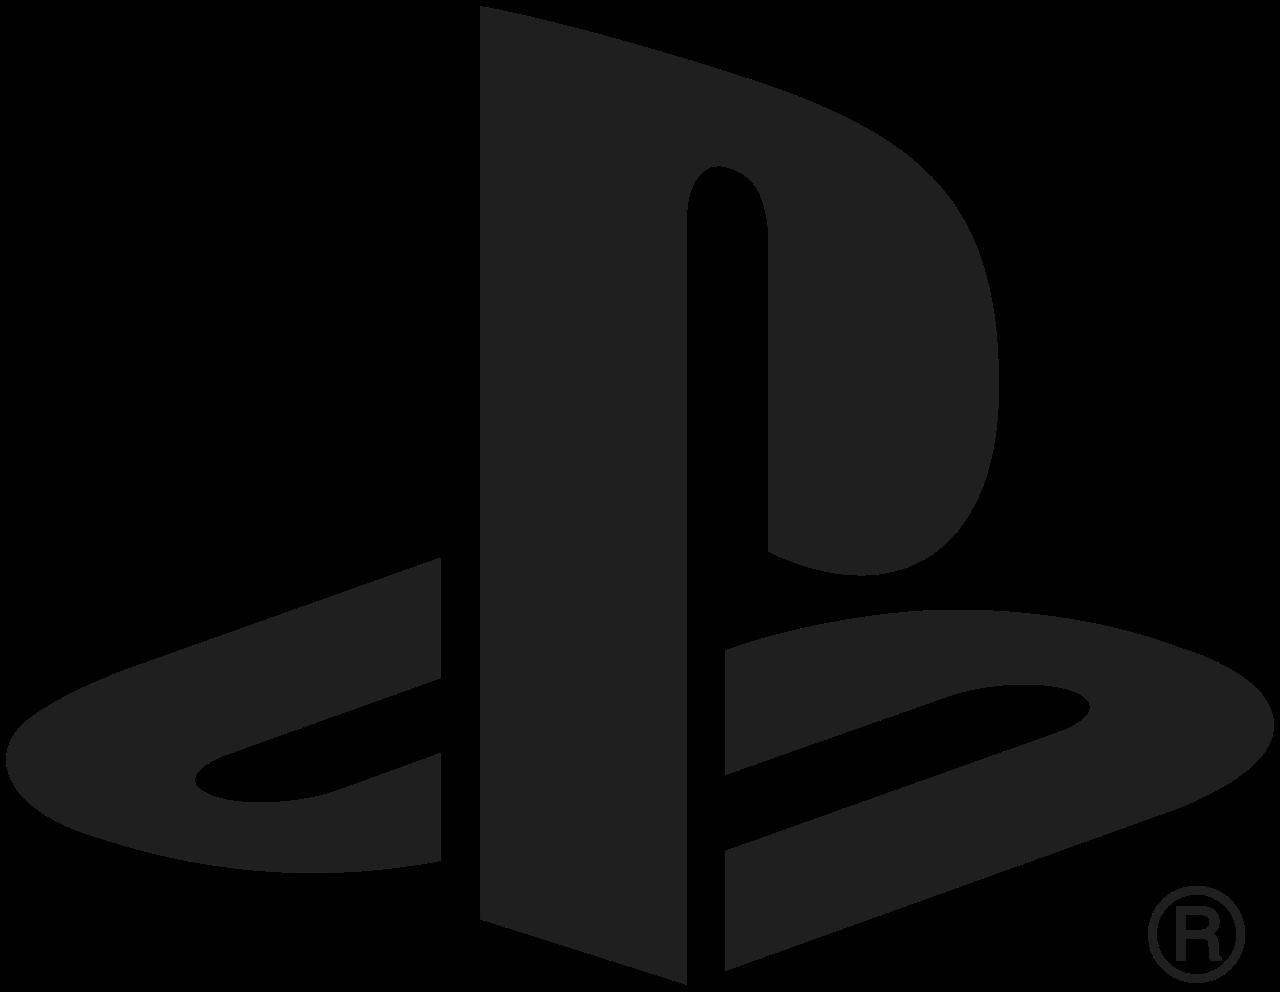 File:PlayStation logo.svg.